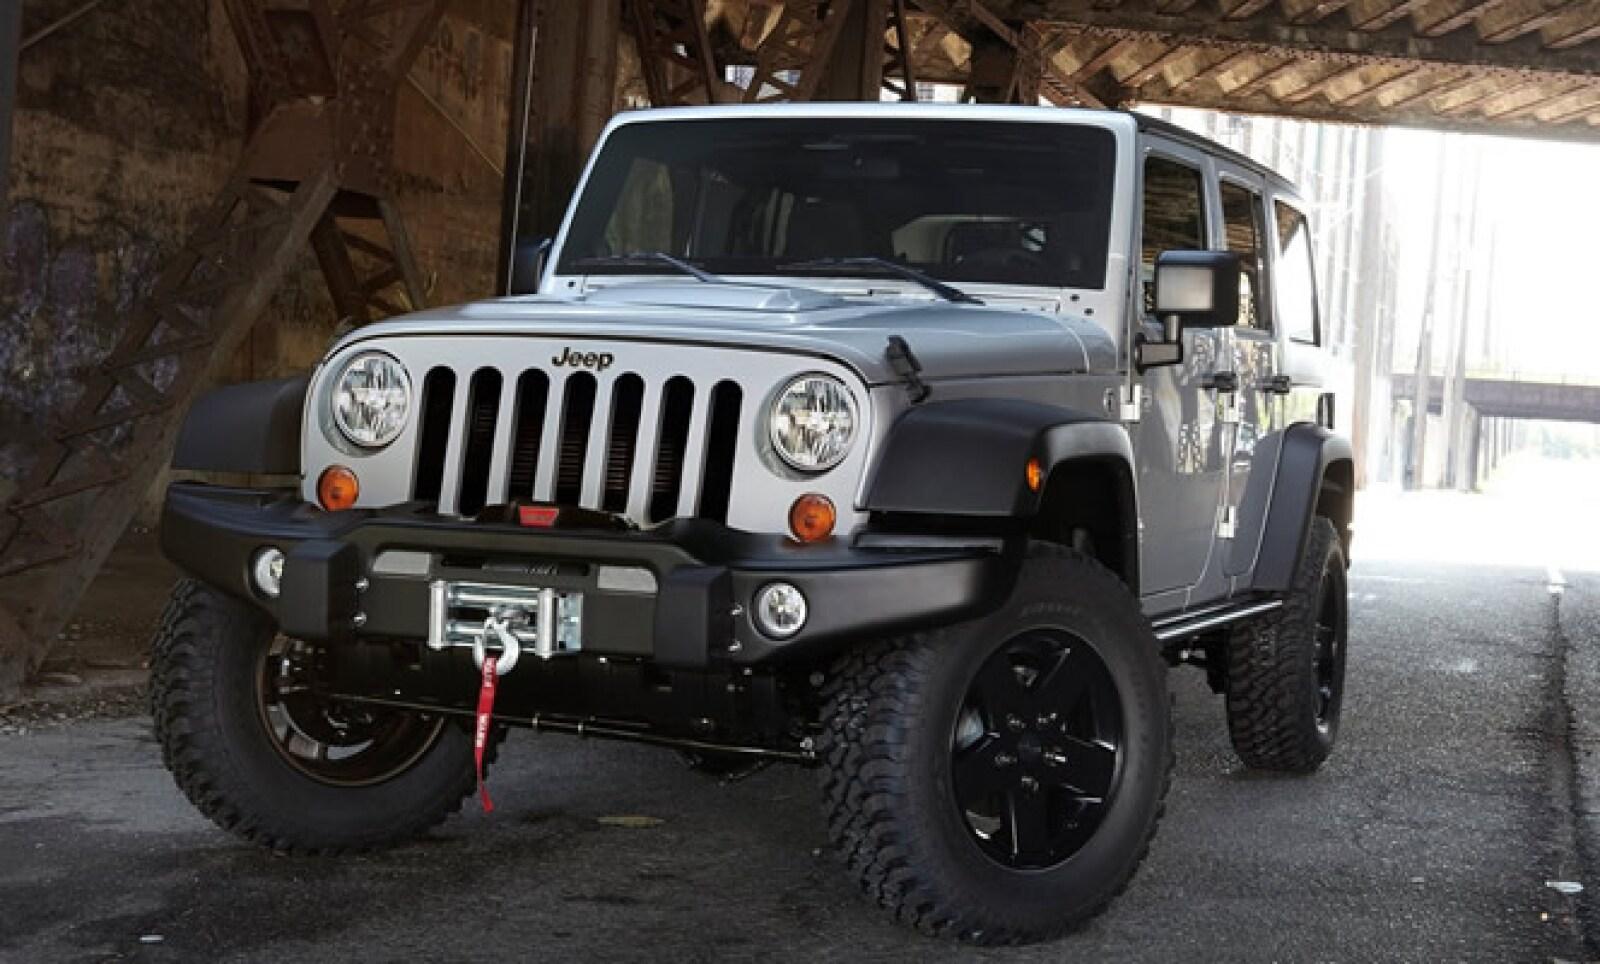 La marca Jeep trae a México en marzo el nuevo Jeep Wrangler Unlimited Call of Duty, un vehículo basado en el Jeep Rubicon y el videojuego de guerra más exitoso en los últimos años.